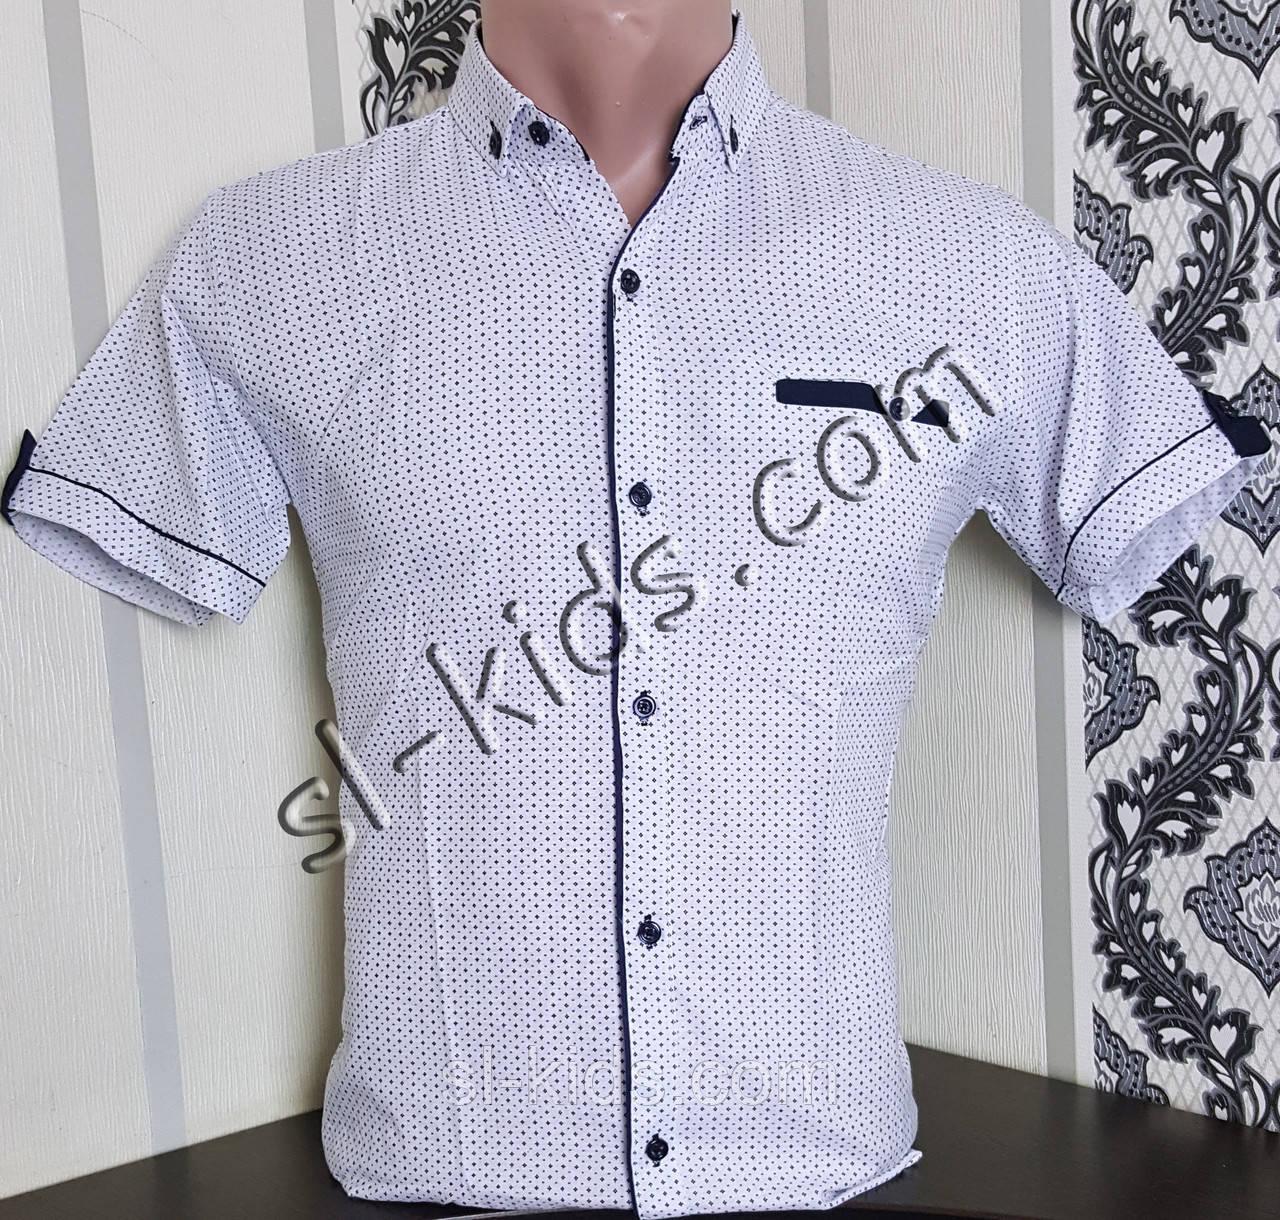 5fe71fdbd5f Стильная Рубашка(шведка) для Мальчика 12-16 Лет (розн) (белая) (пр ...